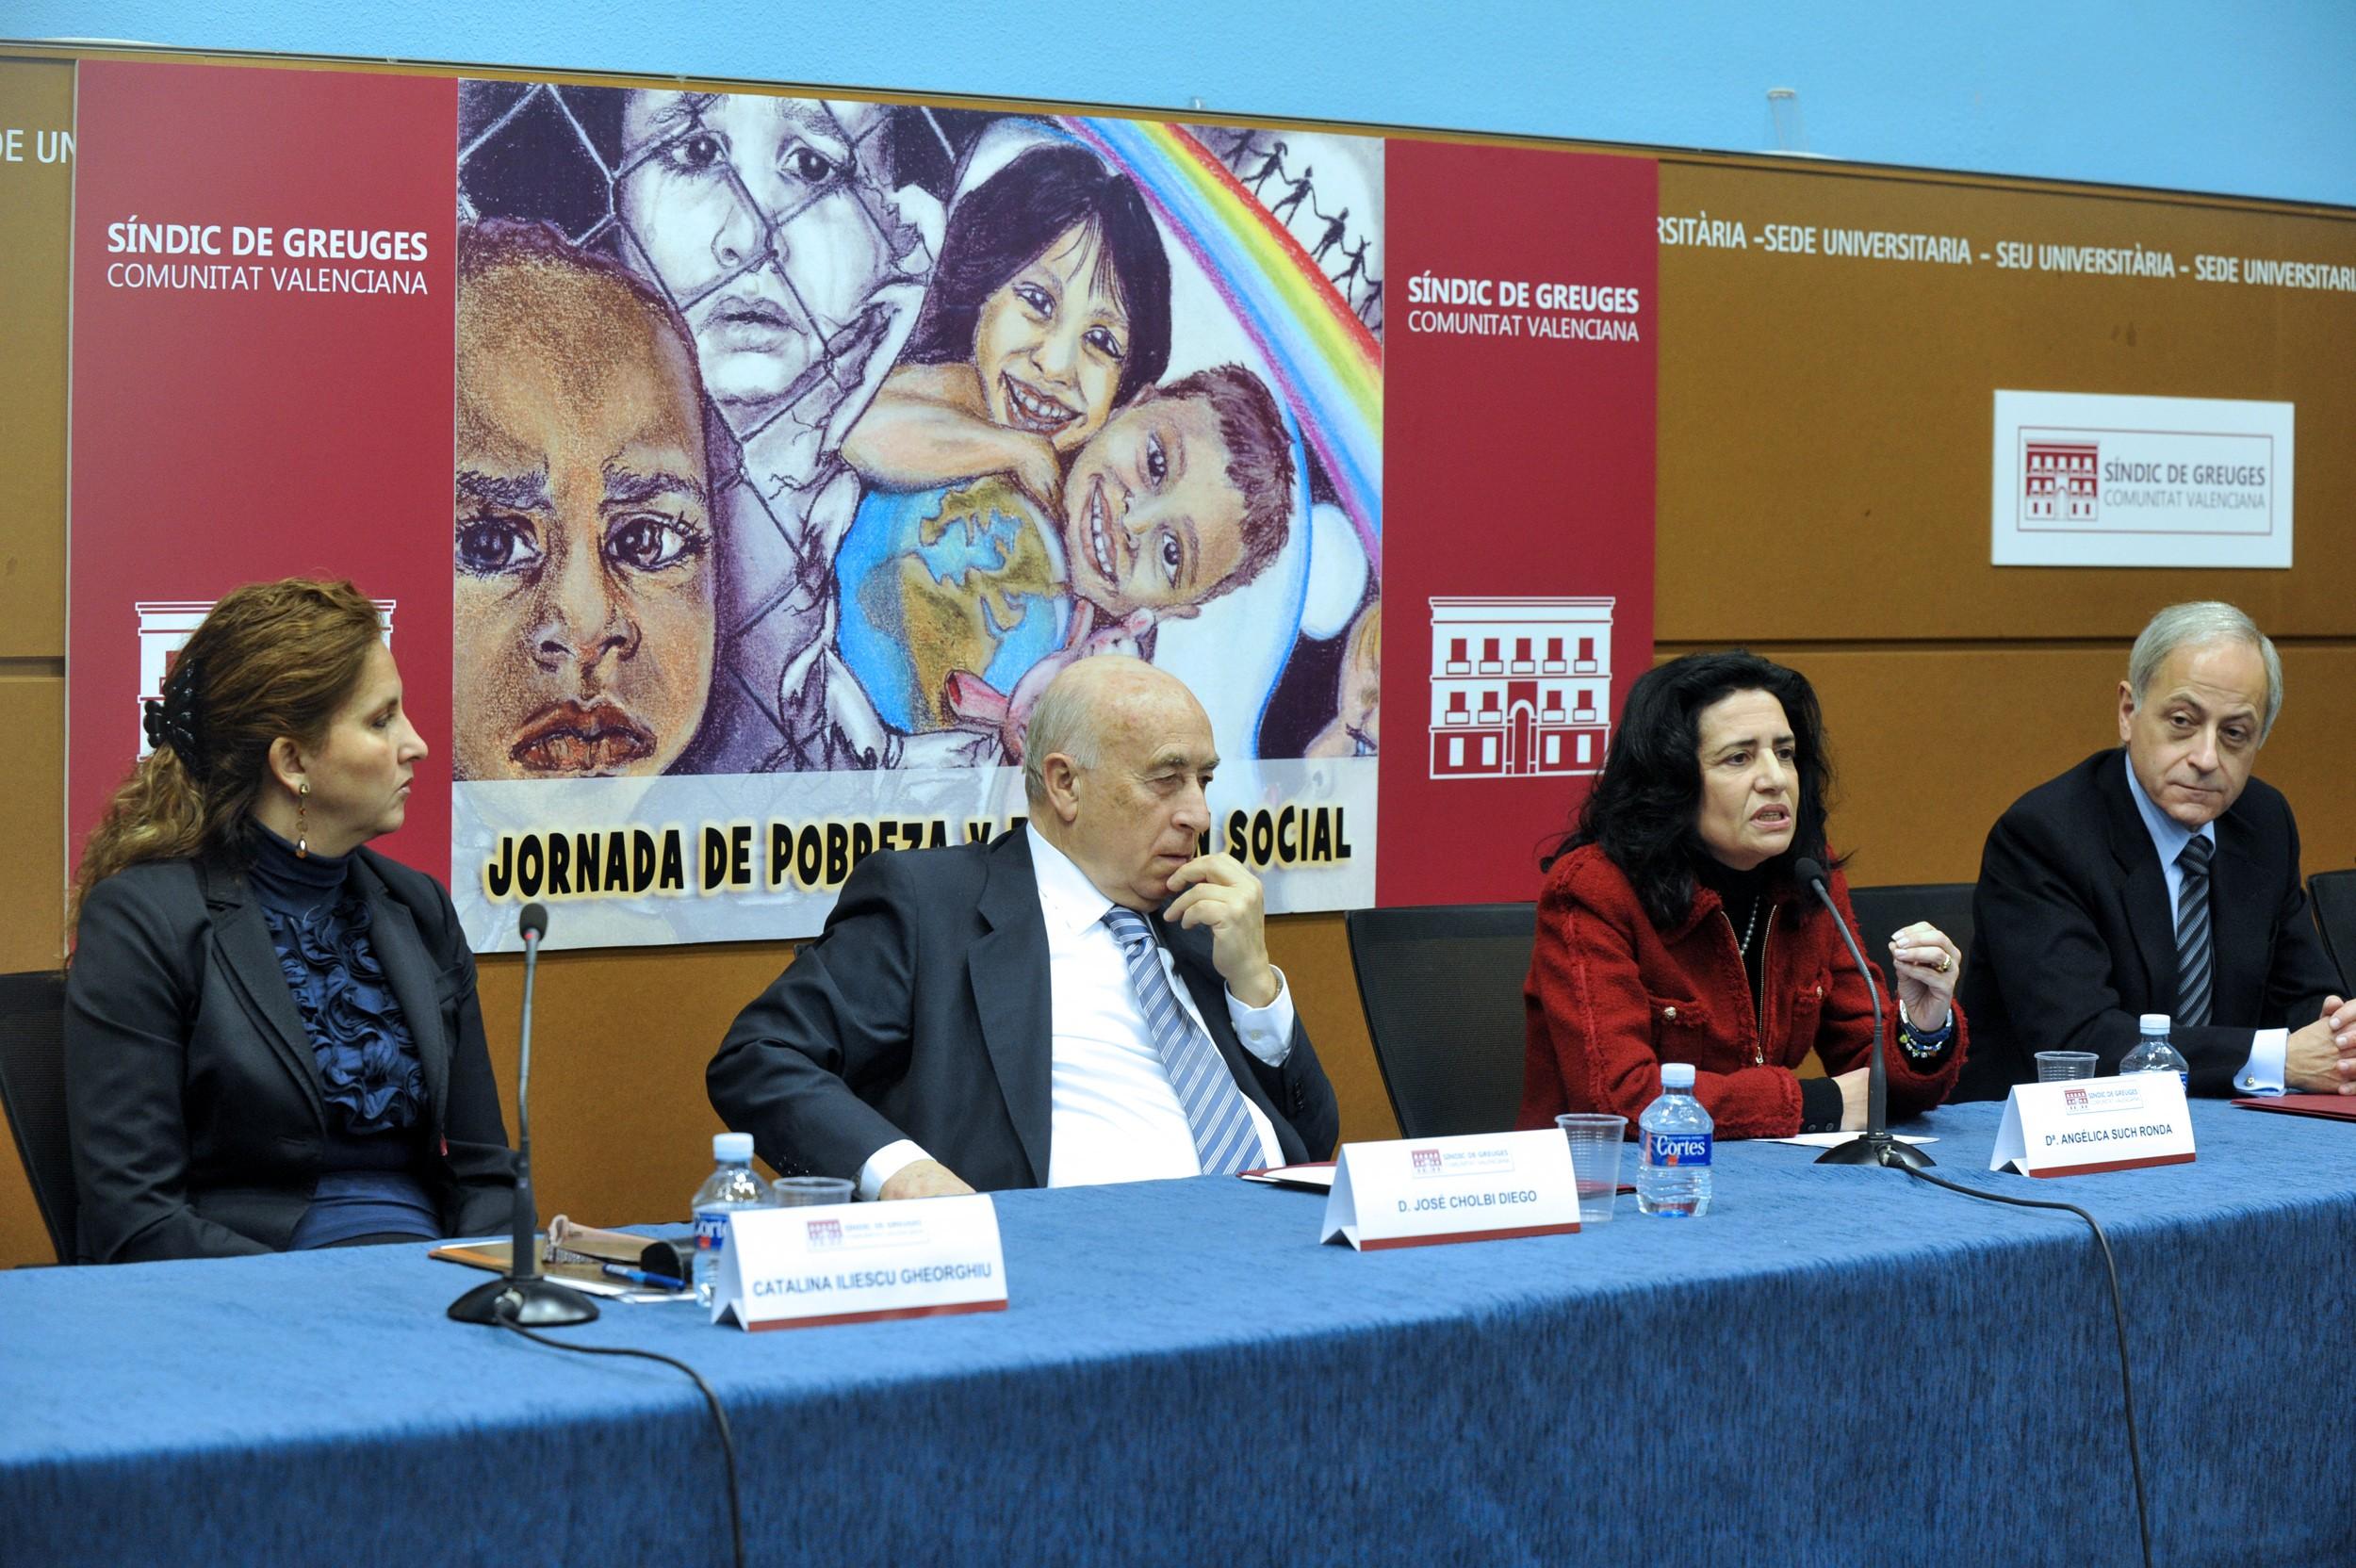 Gran acogida de la Jornada de Pobreza y Exclusión Social organizada por el Síndic de Greuges